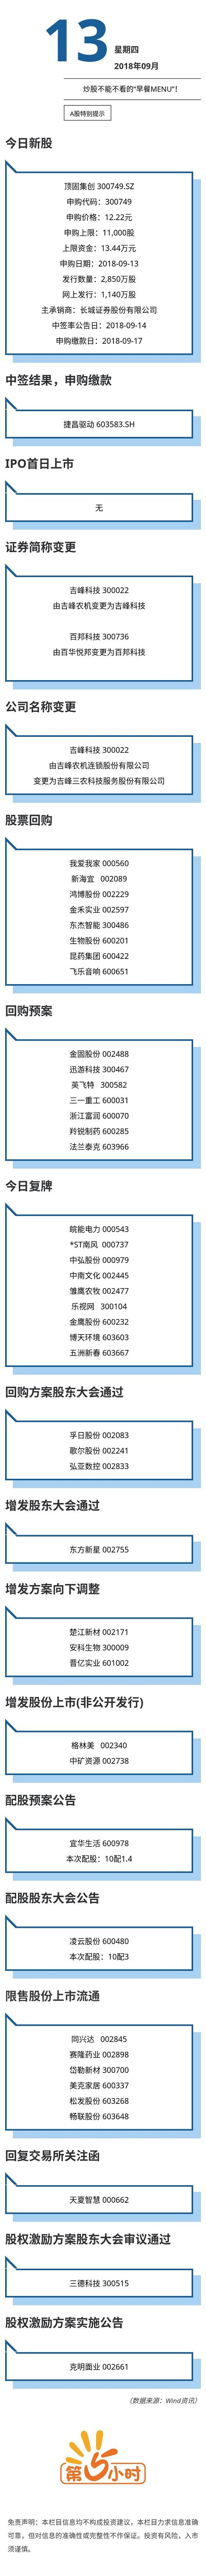 A股特别提示(2018-09-13).jpg